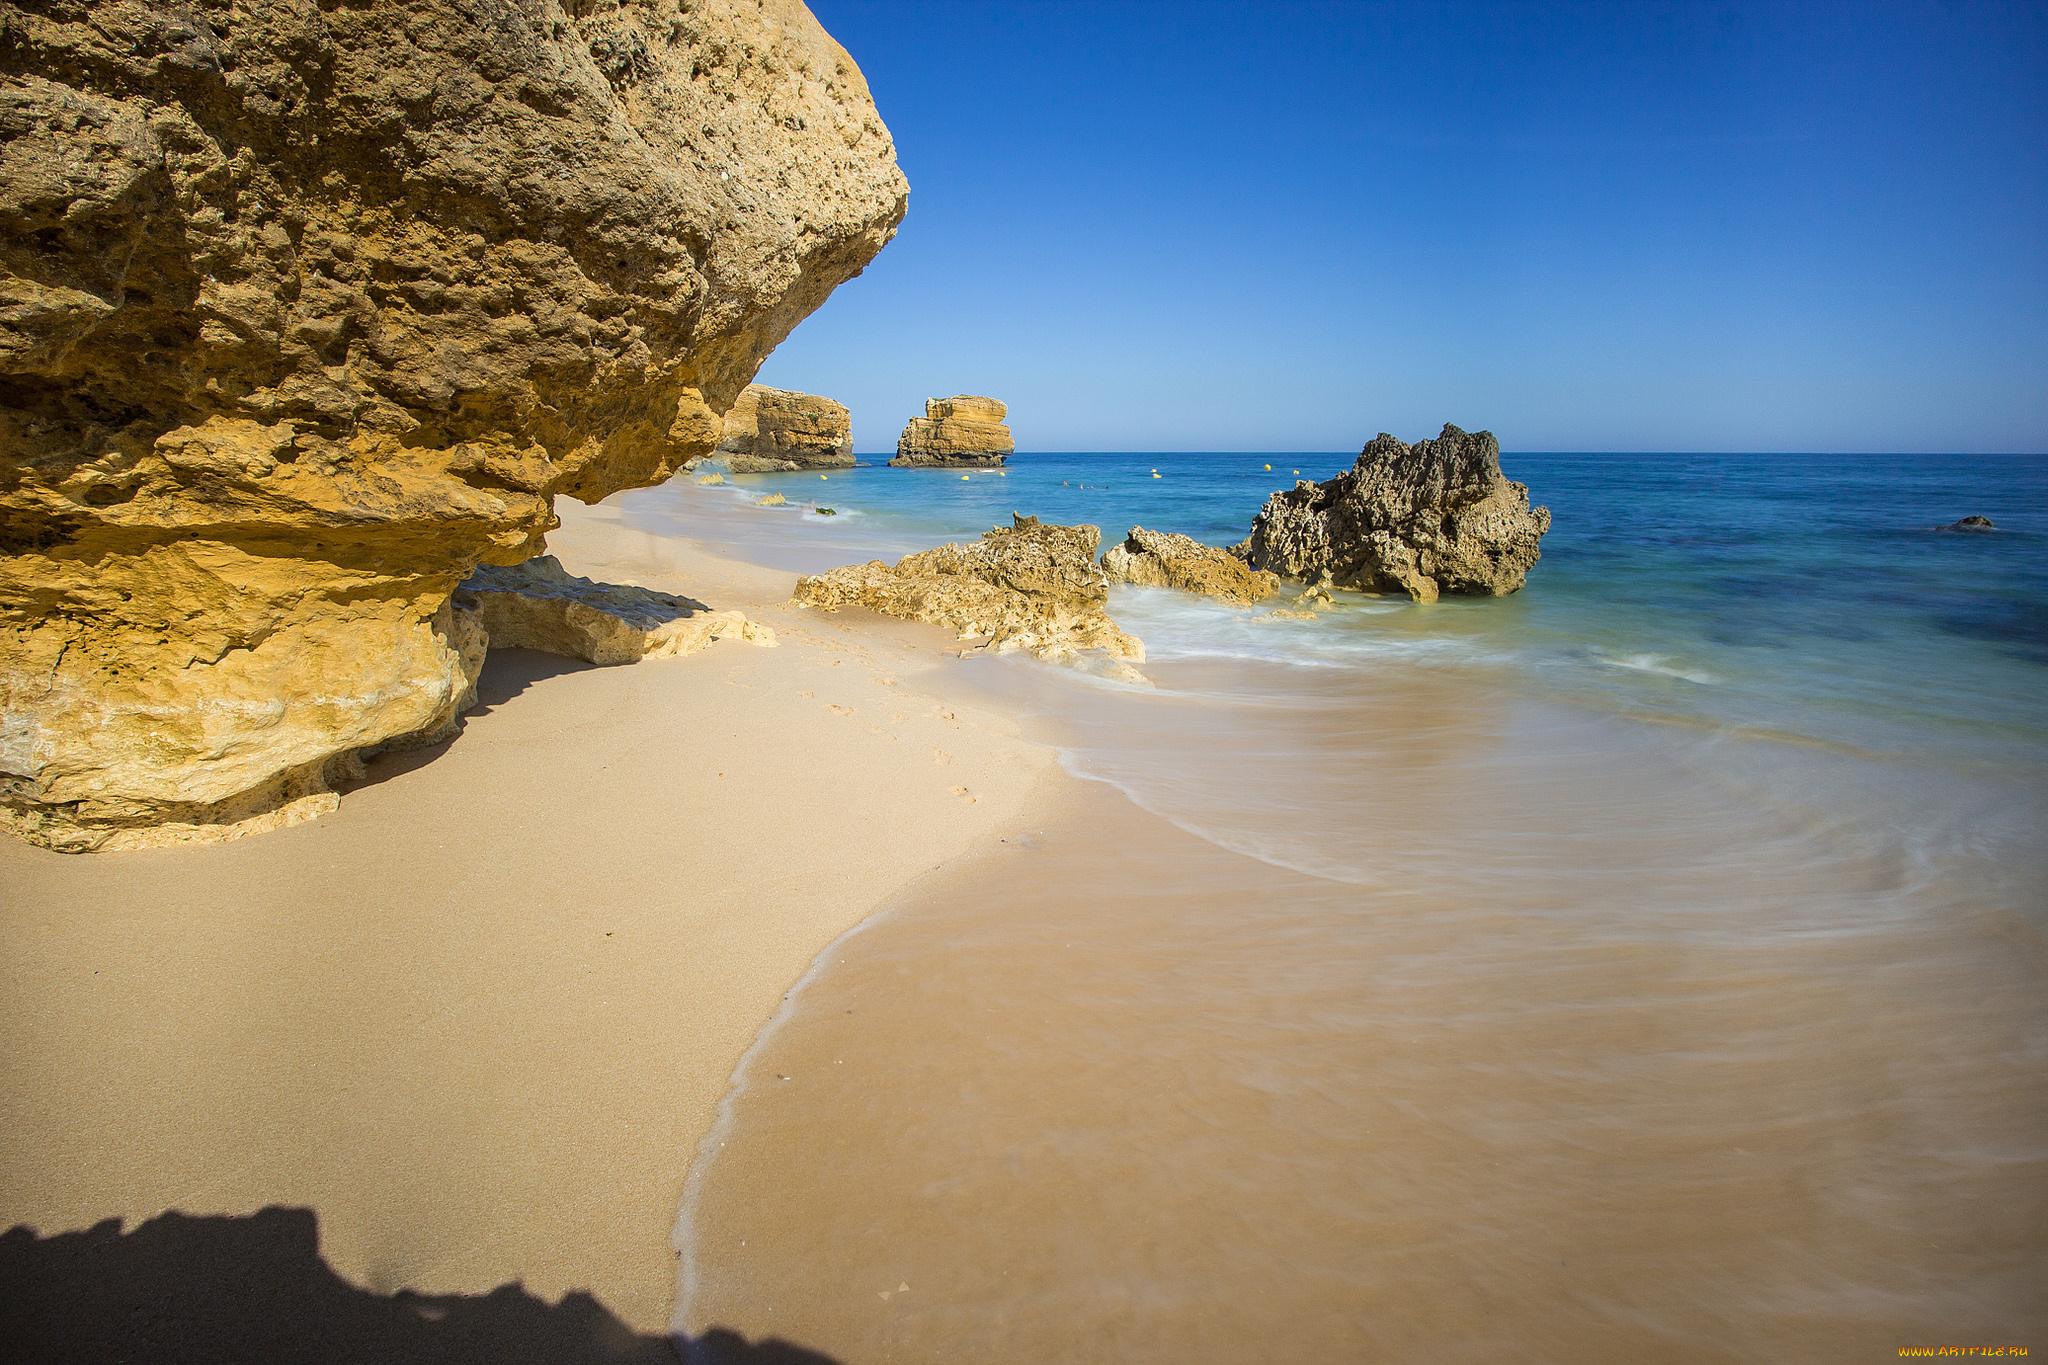 скалы берег песок  № 1185443 бесплатно